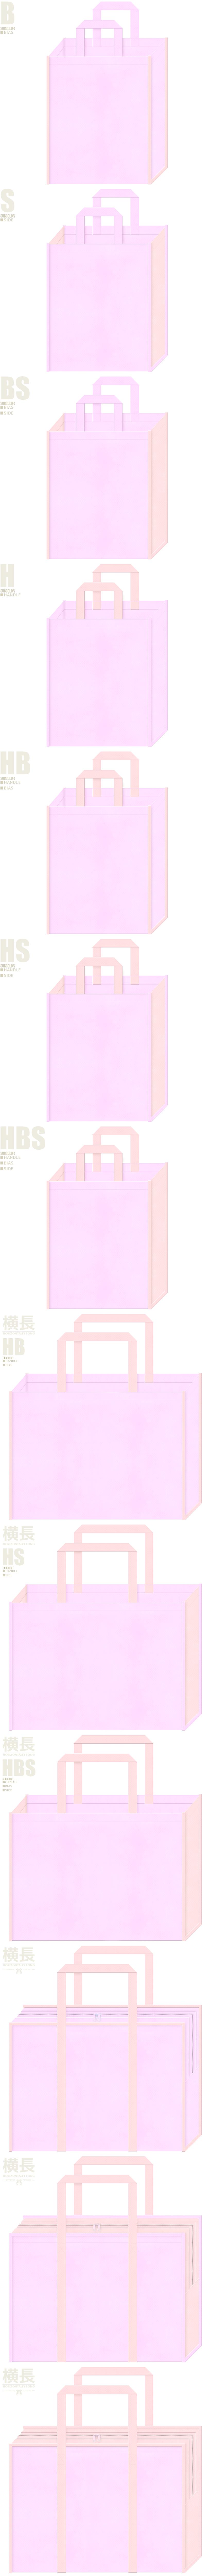 和装・浴衣の展示会用バッグにお奨めの、明るめのピンク色と桜色、7パターンの不織布トートバッグ配色デザイン例。